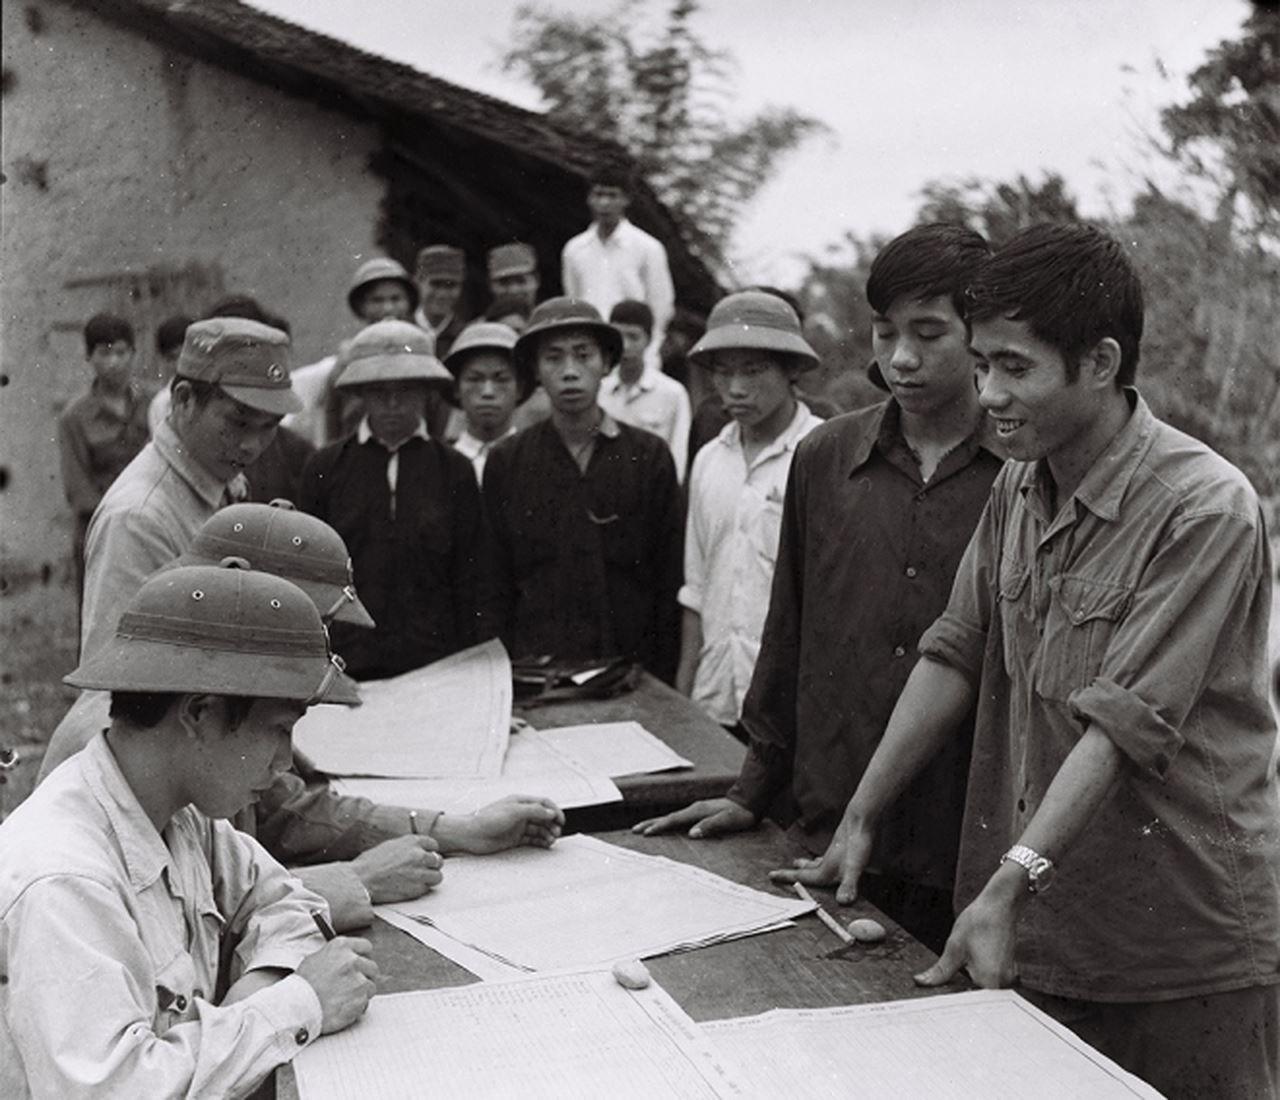 Có một Việt Nam hào hùng như thế trong chiến tranh biên giới 1979 - Ảnh 7.